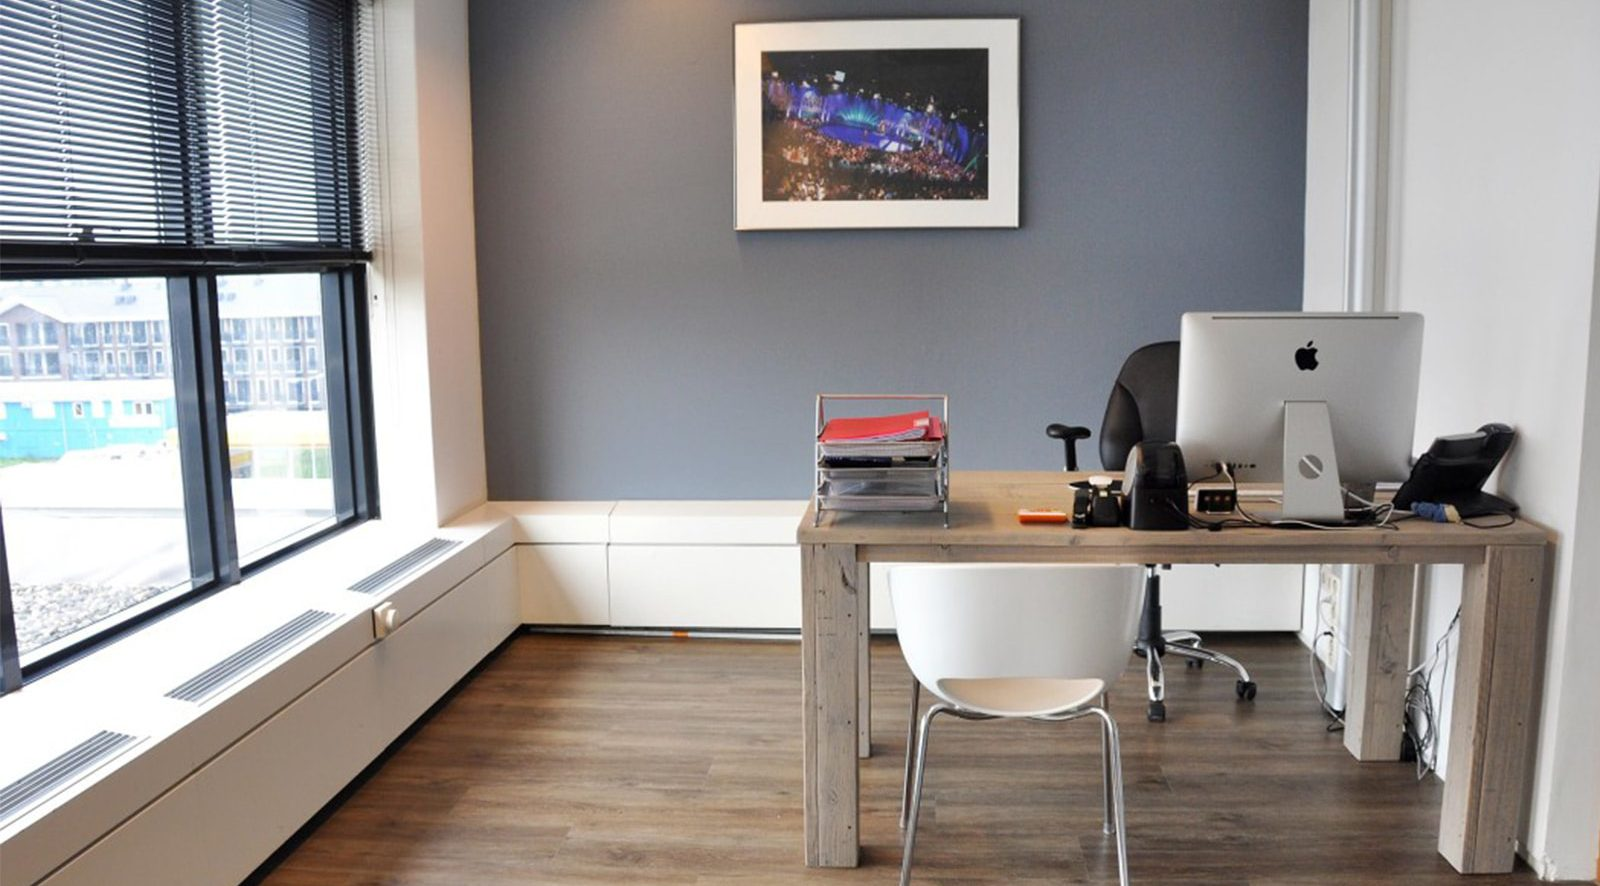 Bedrijfsruimte huren Aalsmeer | Crown Business Center Aalsmeer